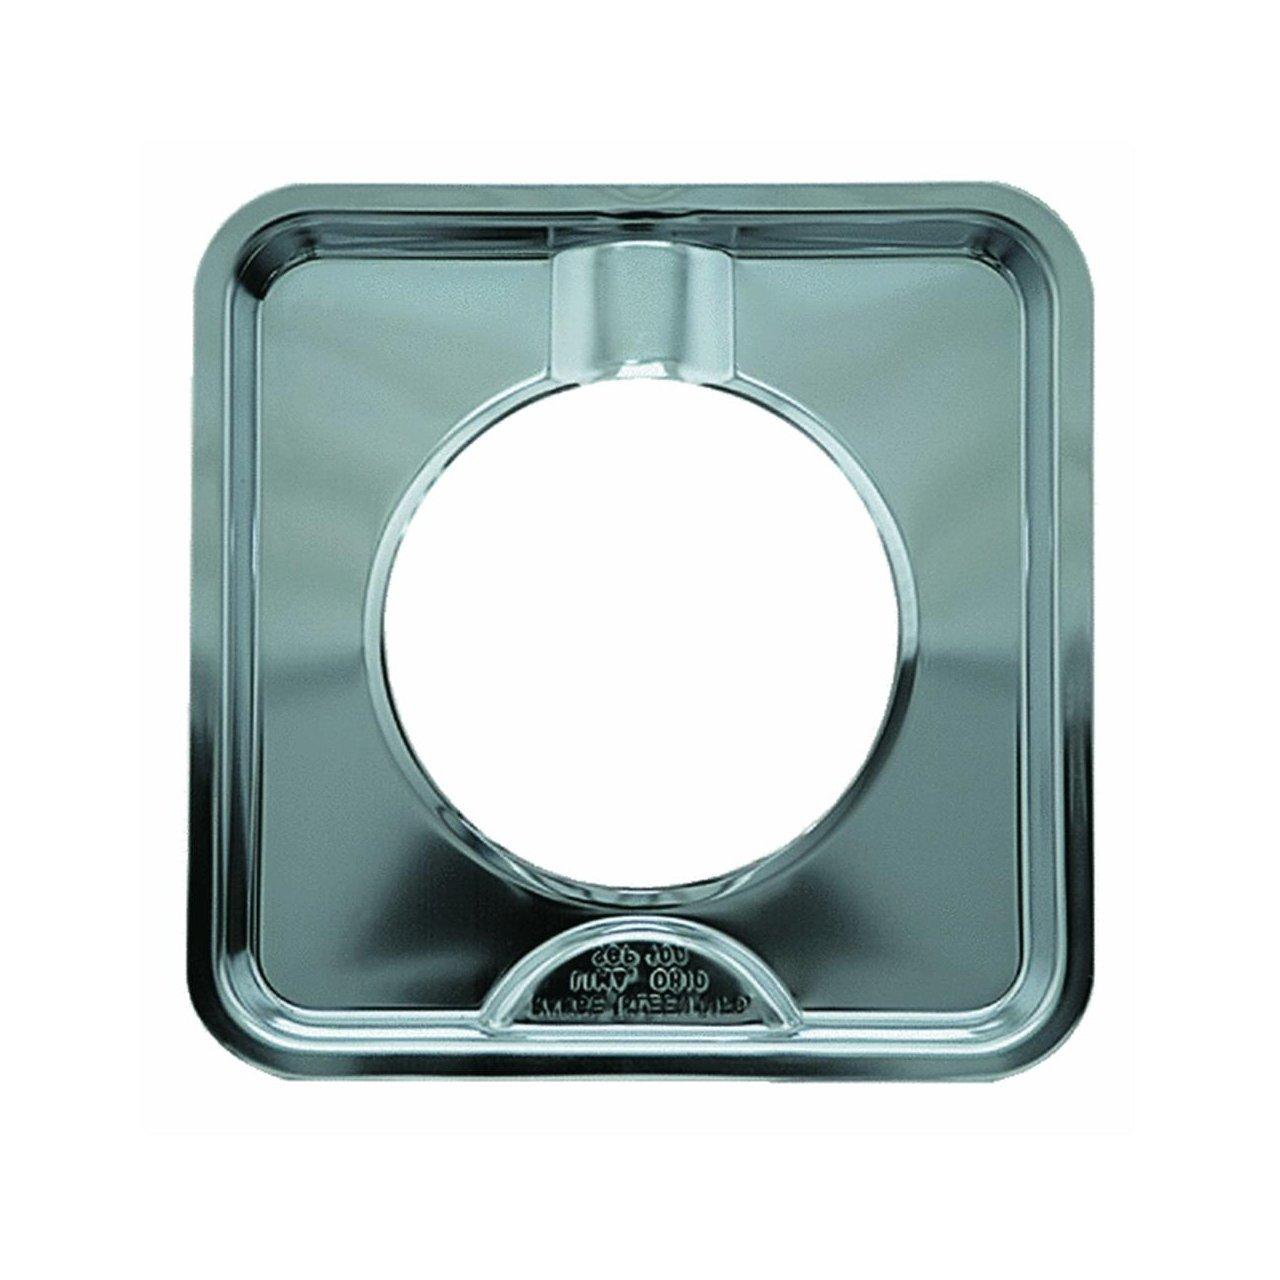 Range Kleen SGP-400 Chrome Square Range Pan / Yellow Label (4-PACK)